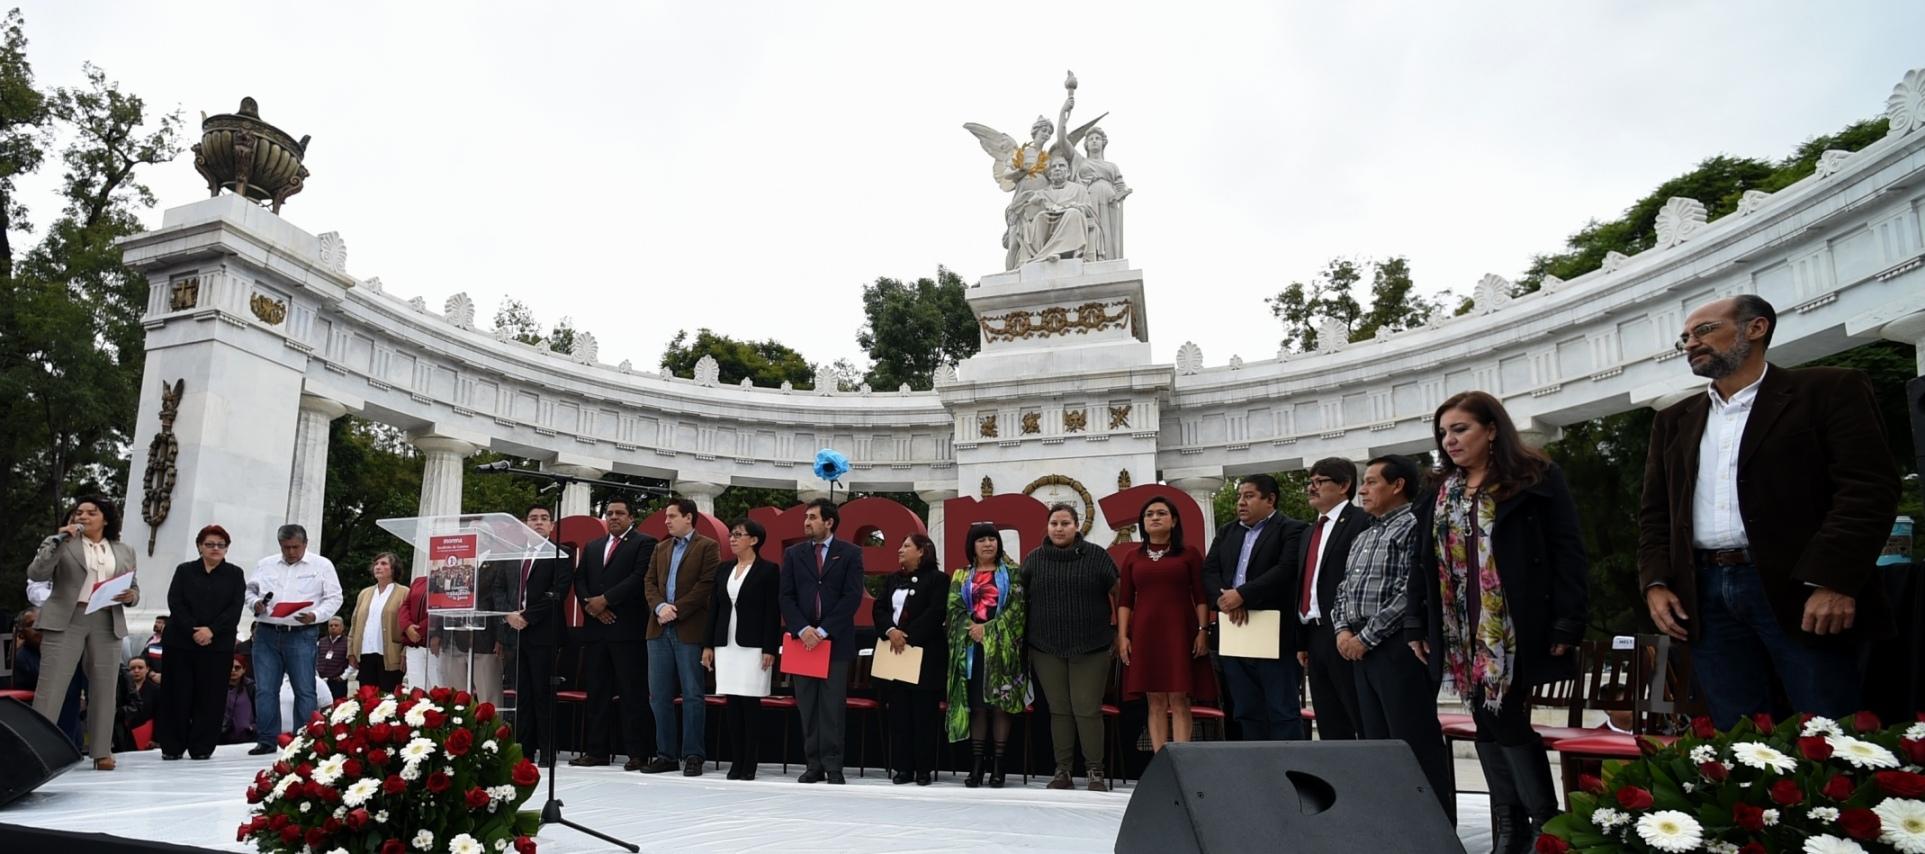 PROPONEN ASIGNAR 200 MIL MILLONES DE PESOS A LA CIUDAD DE MÉXICO EN PRESUPUESTO 2017